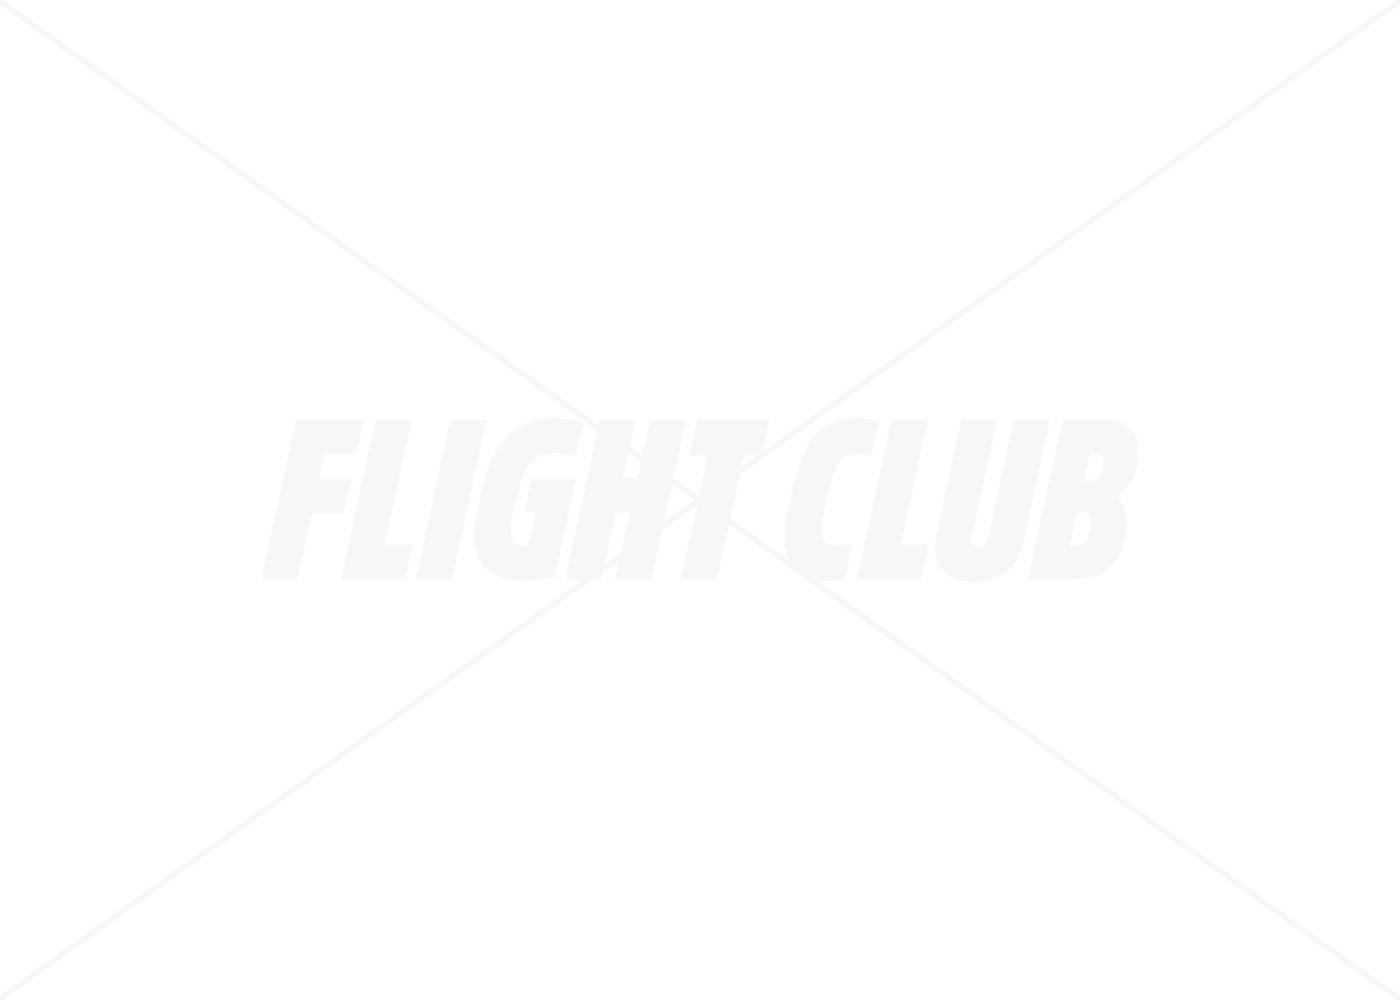 3aa6c5cc0181 Air Jordan 1 Retro High Og Nrg